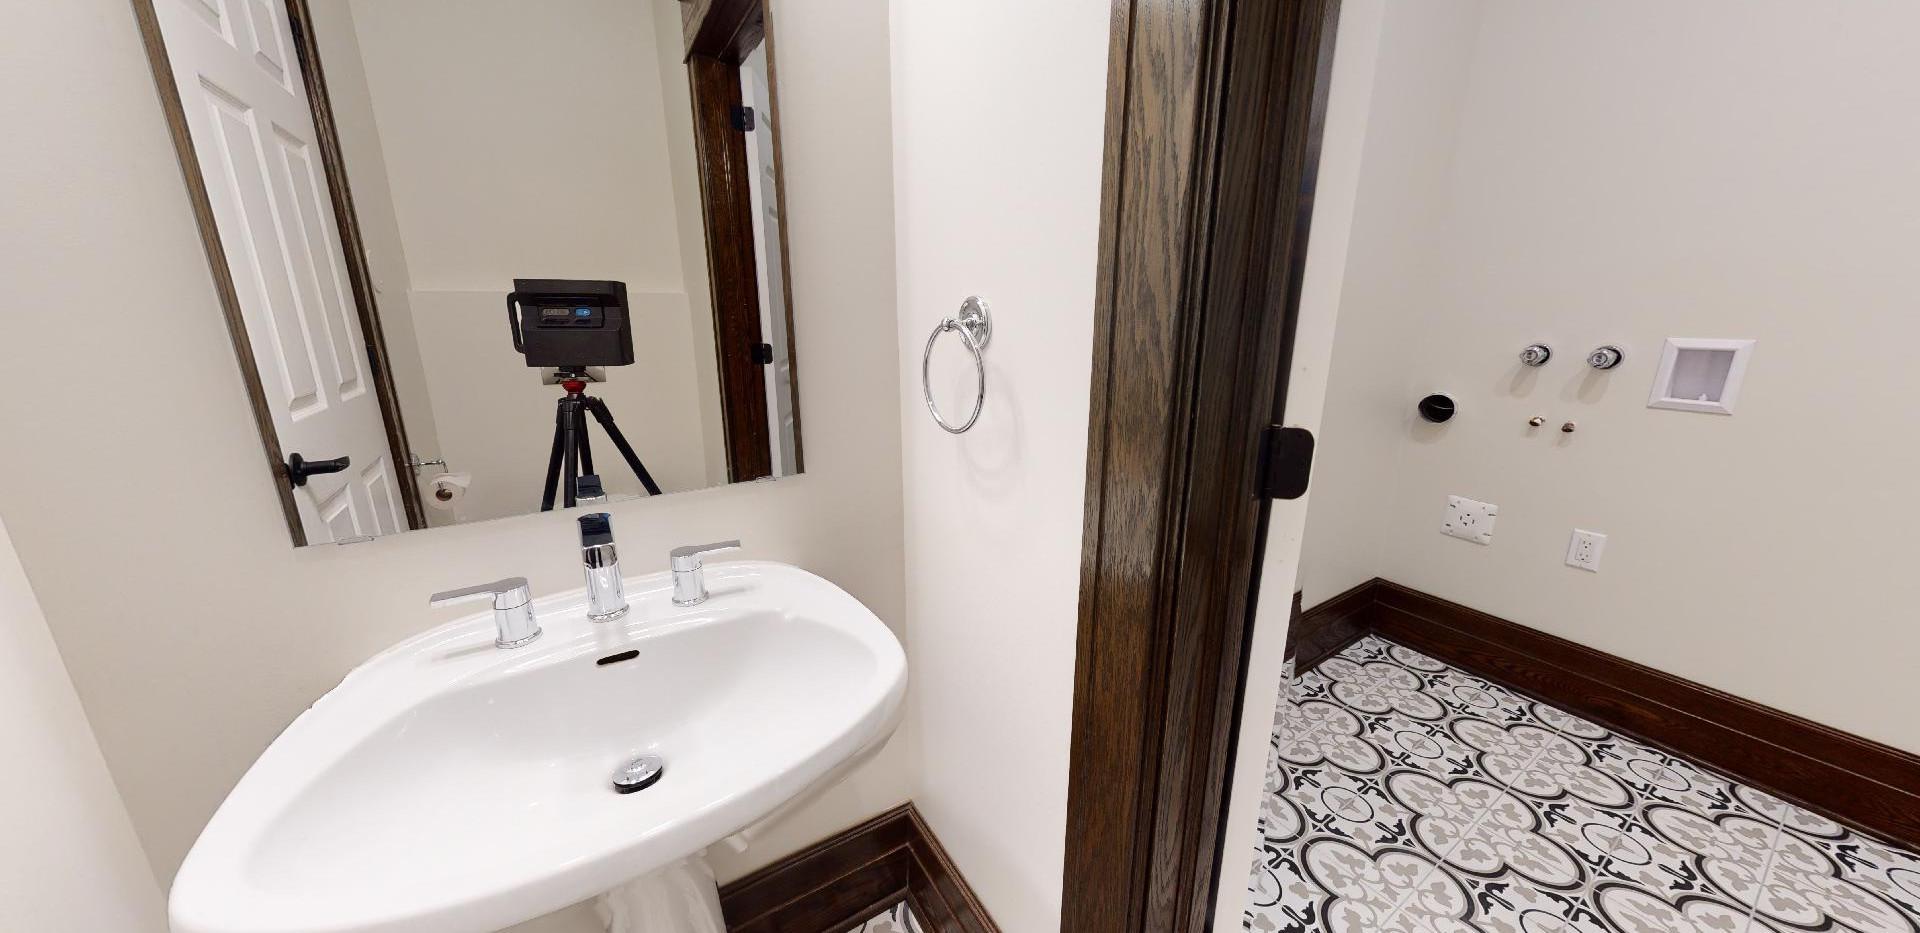 MAIN FLOOR BATHROOM AFTER